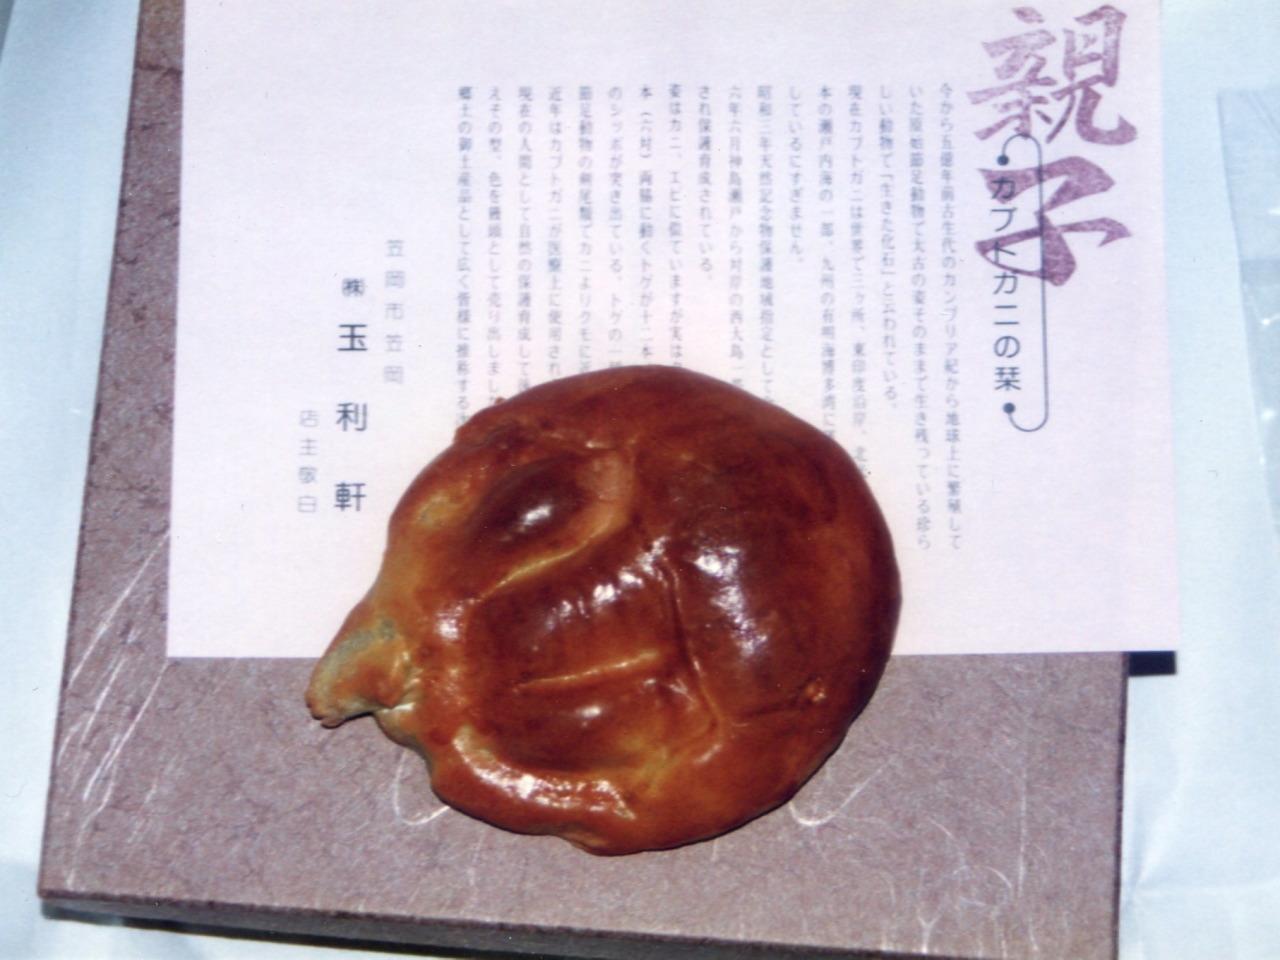 カブトガニ饅頭@岡山県笠岡市